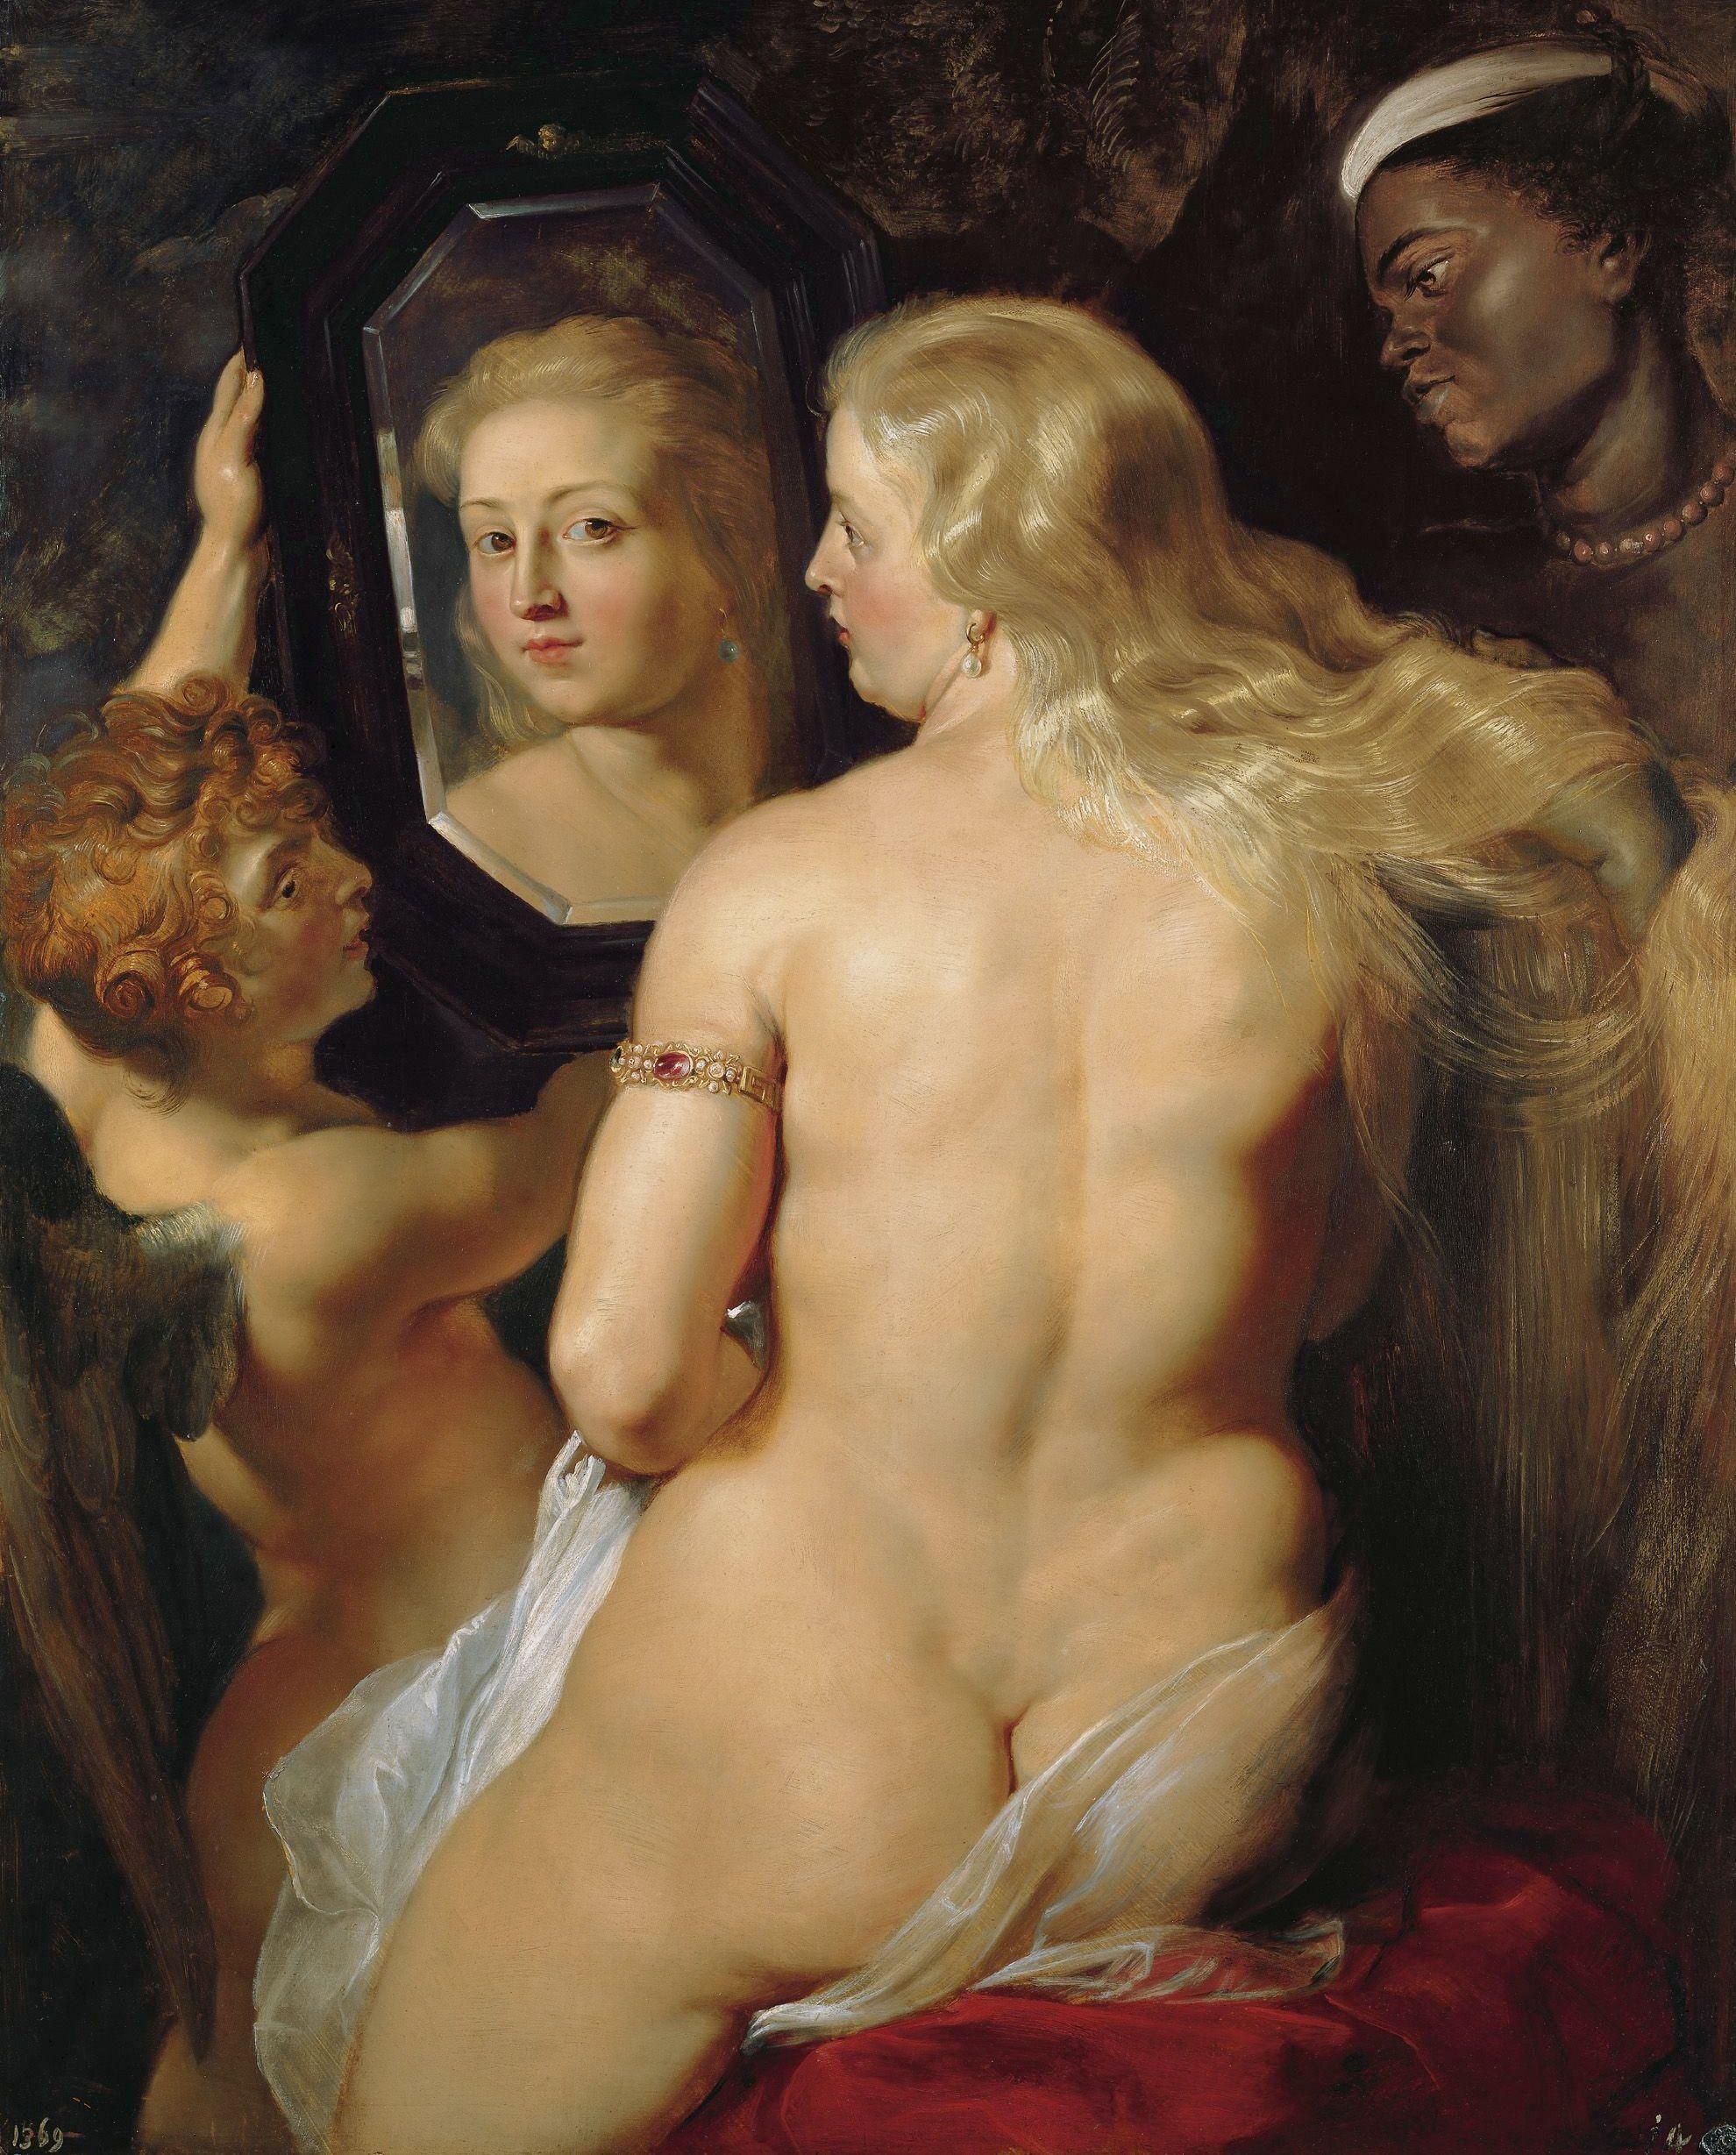 Rubens: Vénusz a tükör előtt (1615)